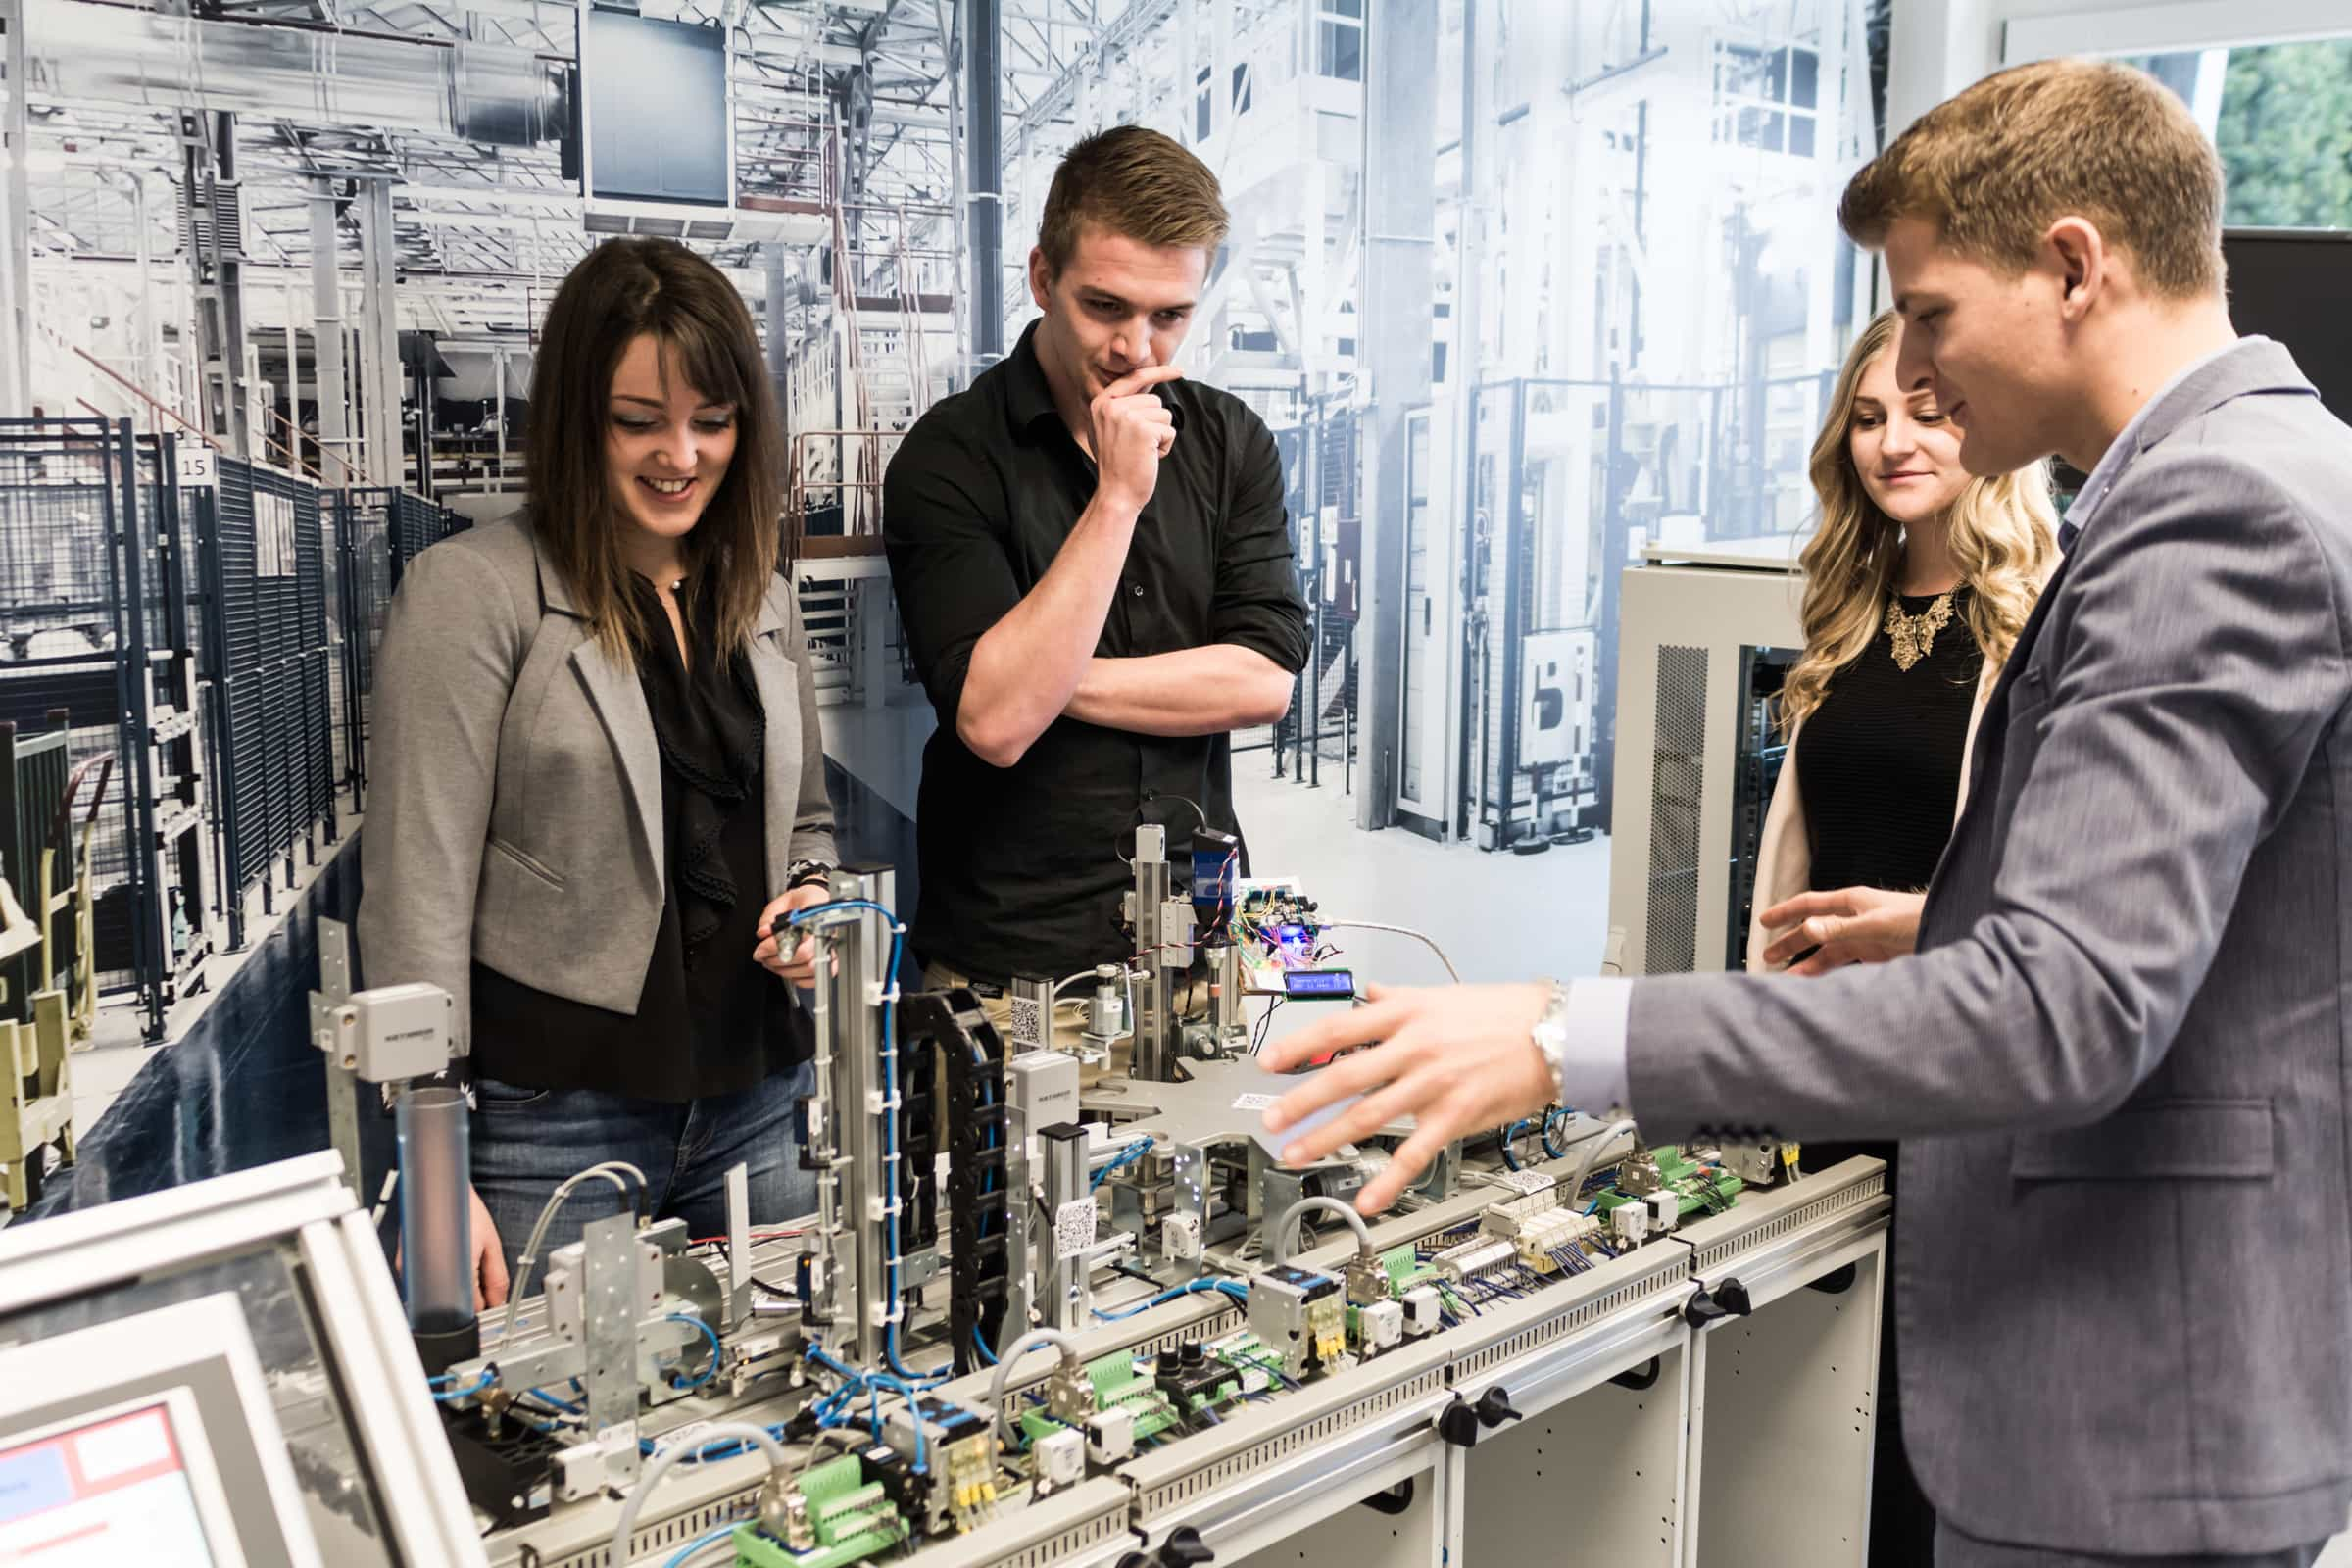 Vier Personen in einem technischen Labor sprechen über die Infrastruktur.